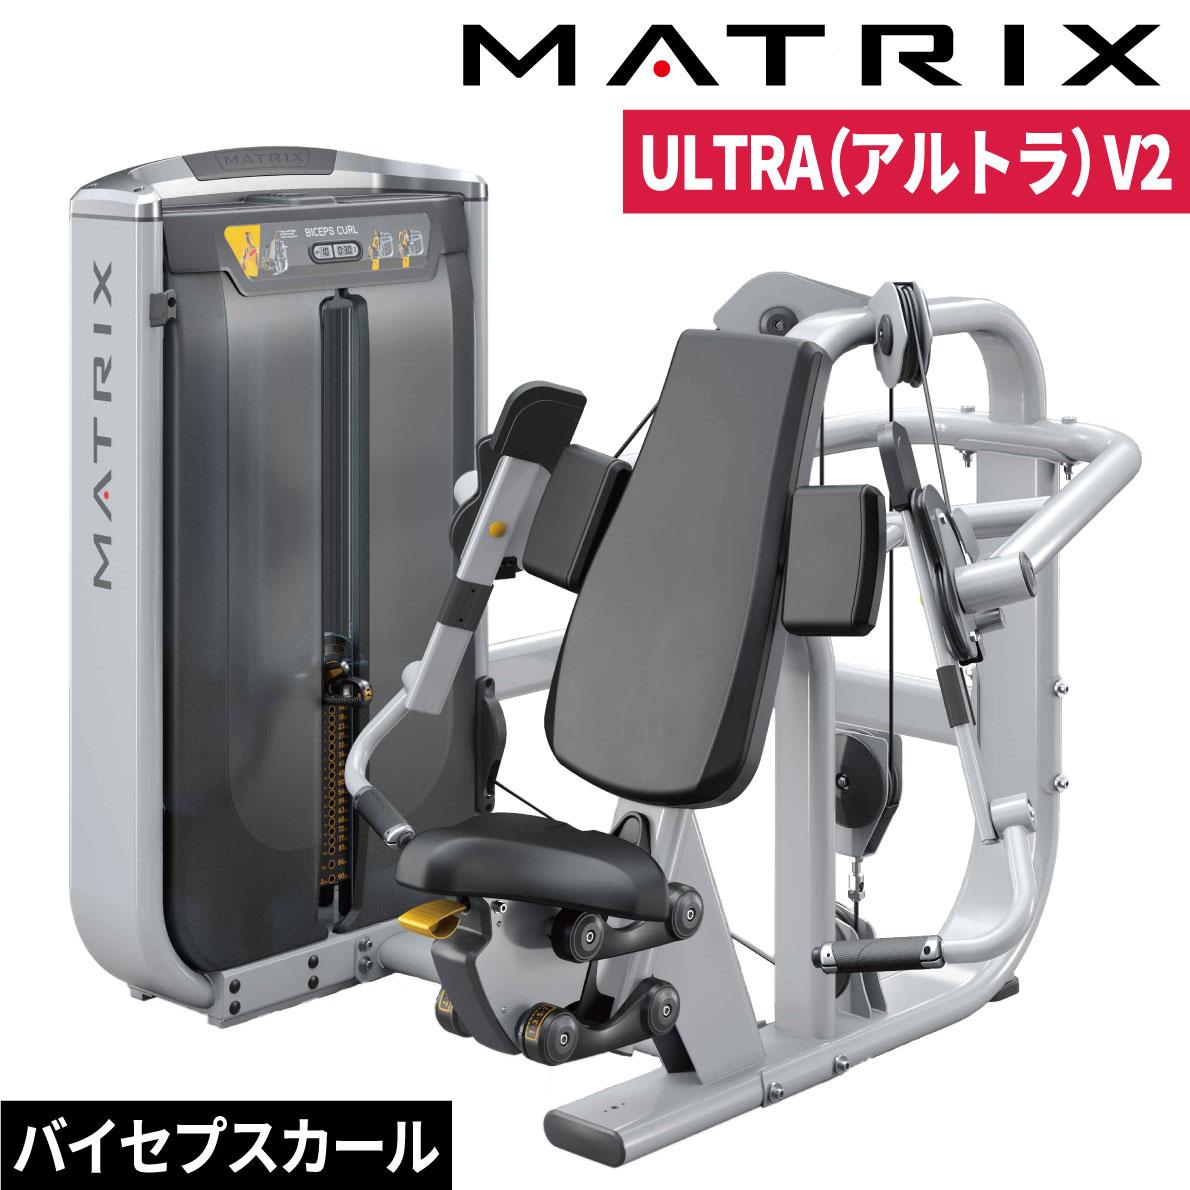 ストレングスマシン ウエイトマシン バイセプスカール トレーニングマシン 業務用 ULTRAシリーズ G7-S40-V2 ジョンソン ジョンソンヘルステック ウエイトトレーニング 業務用MATRIX 業務用フィットネスマシン